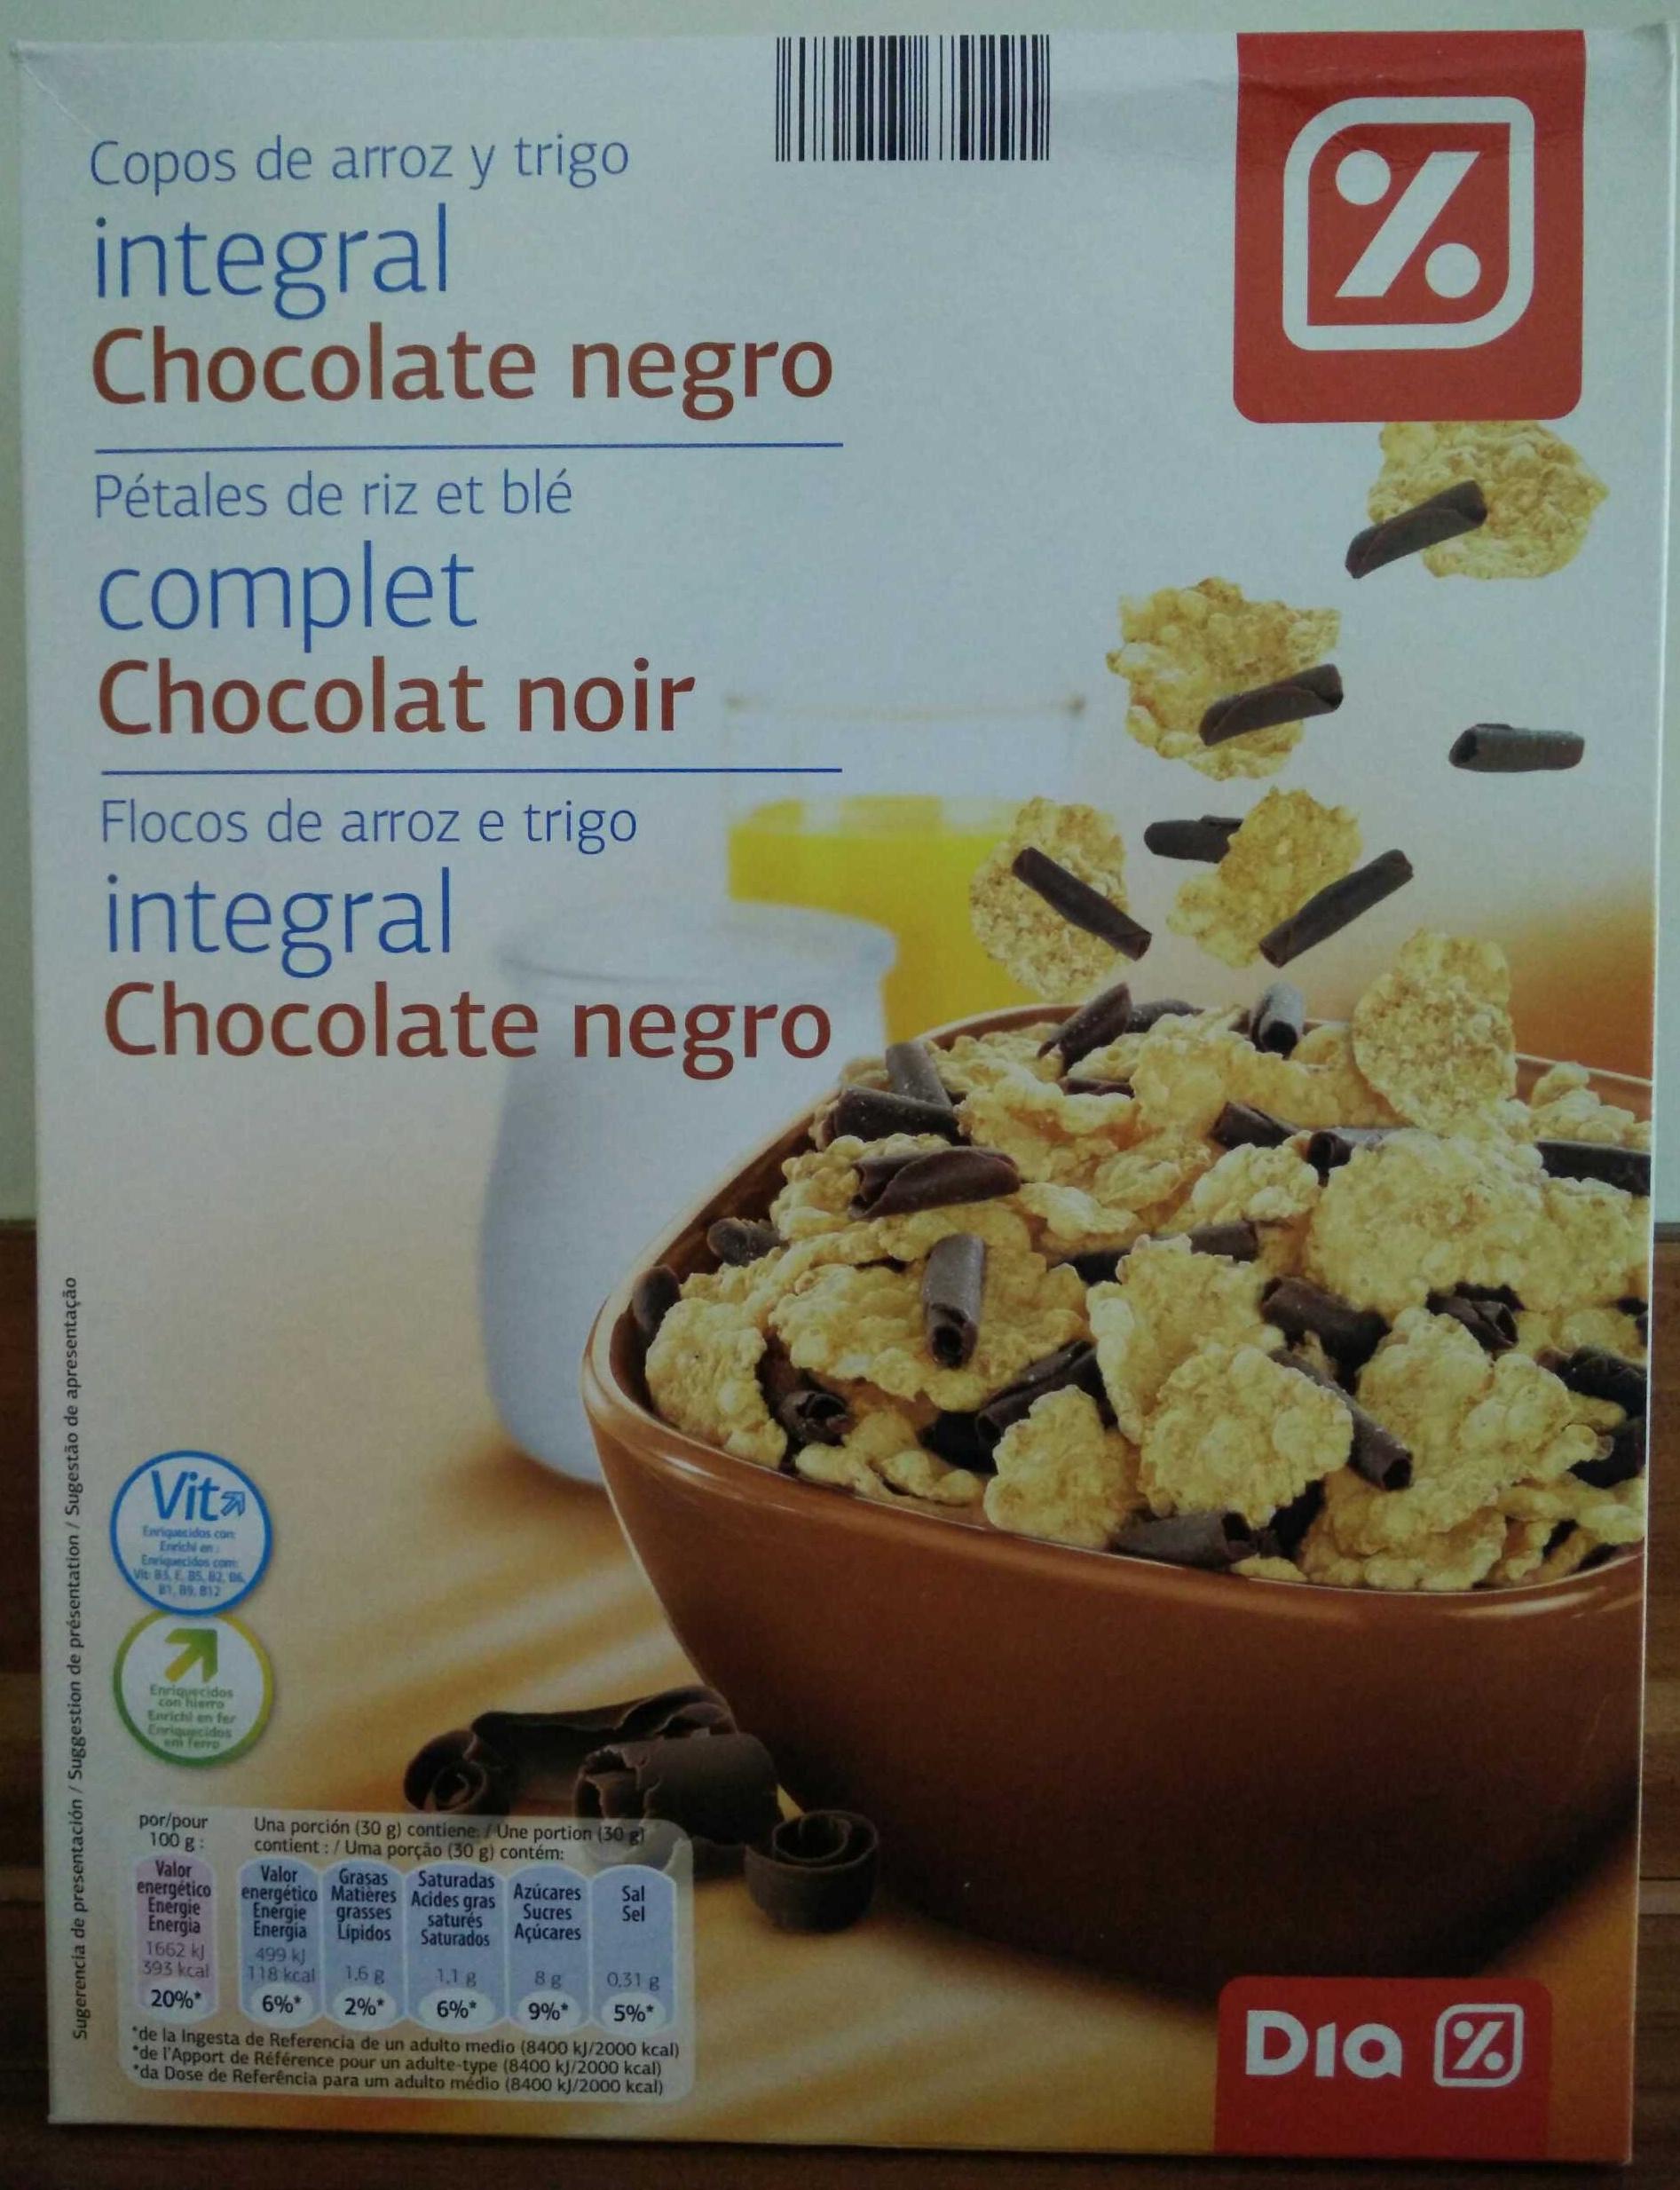 Pétales de riz et blé complet chocolat noir - Produit - fr